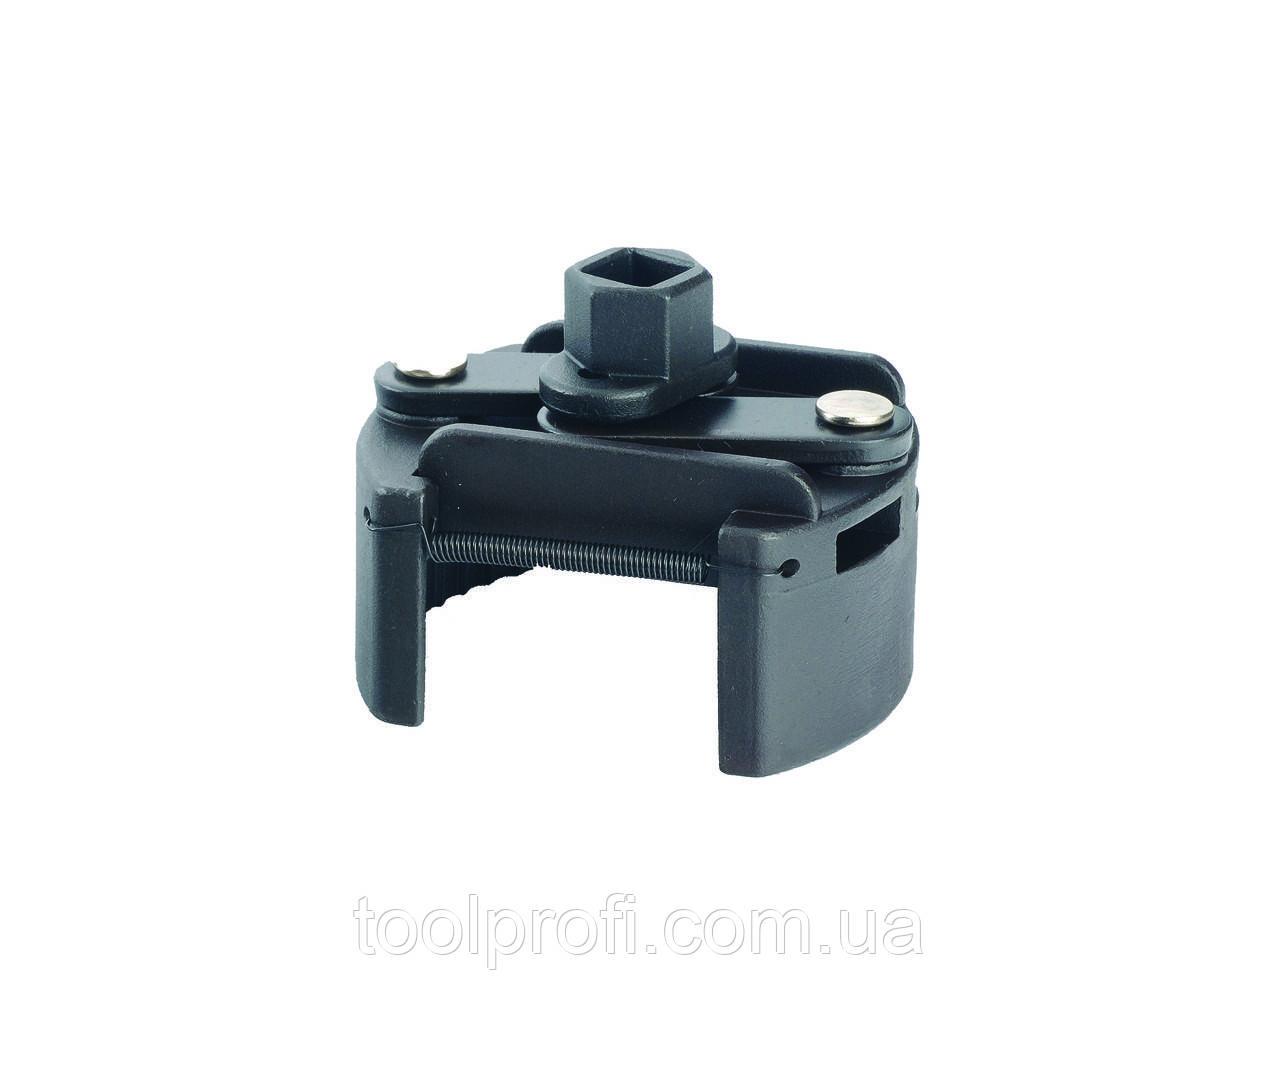 Съемник масляного фильтра самозажимной (двухпозиционный) 110-140 мм